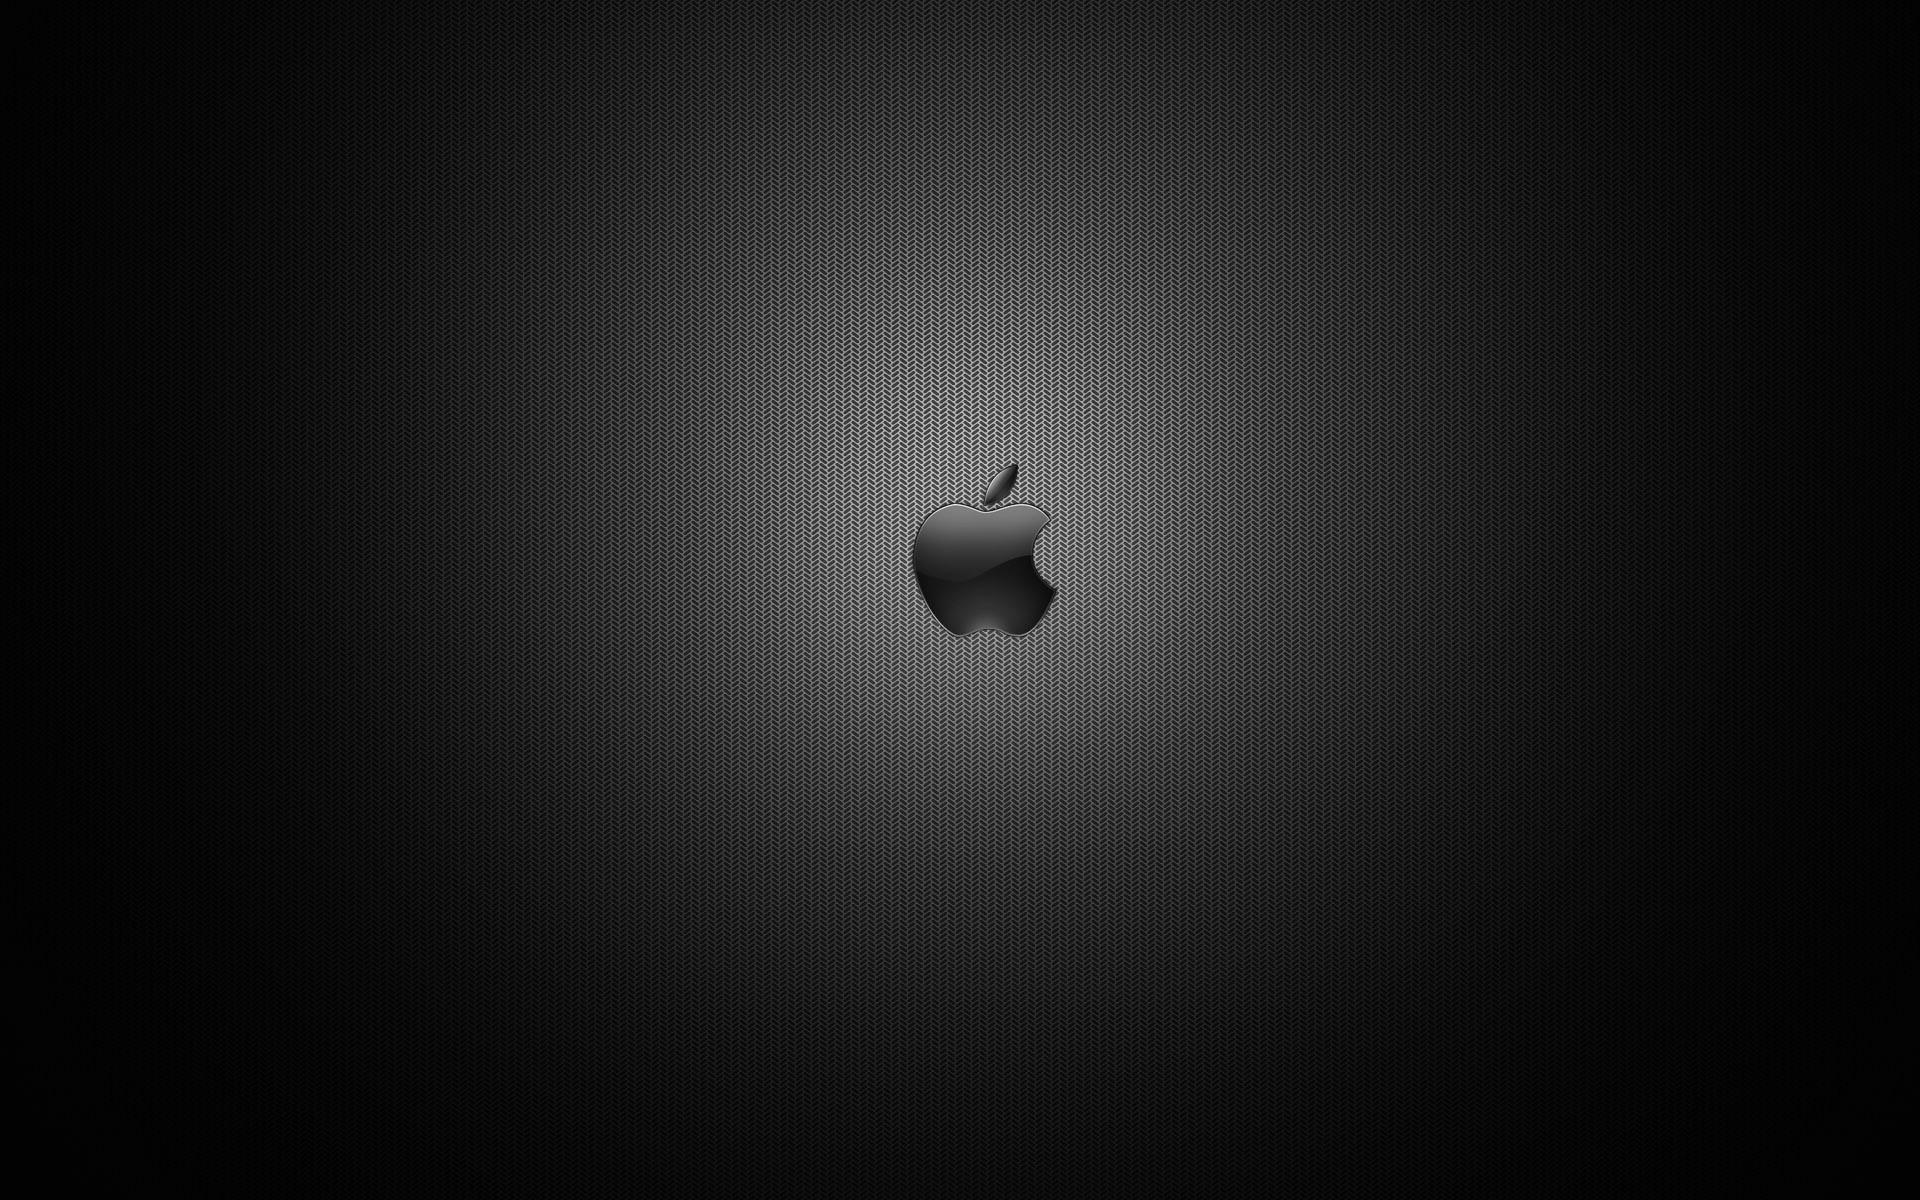 Dark Apple Logo